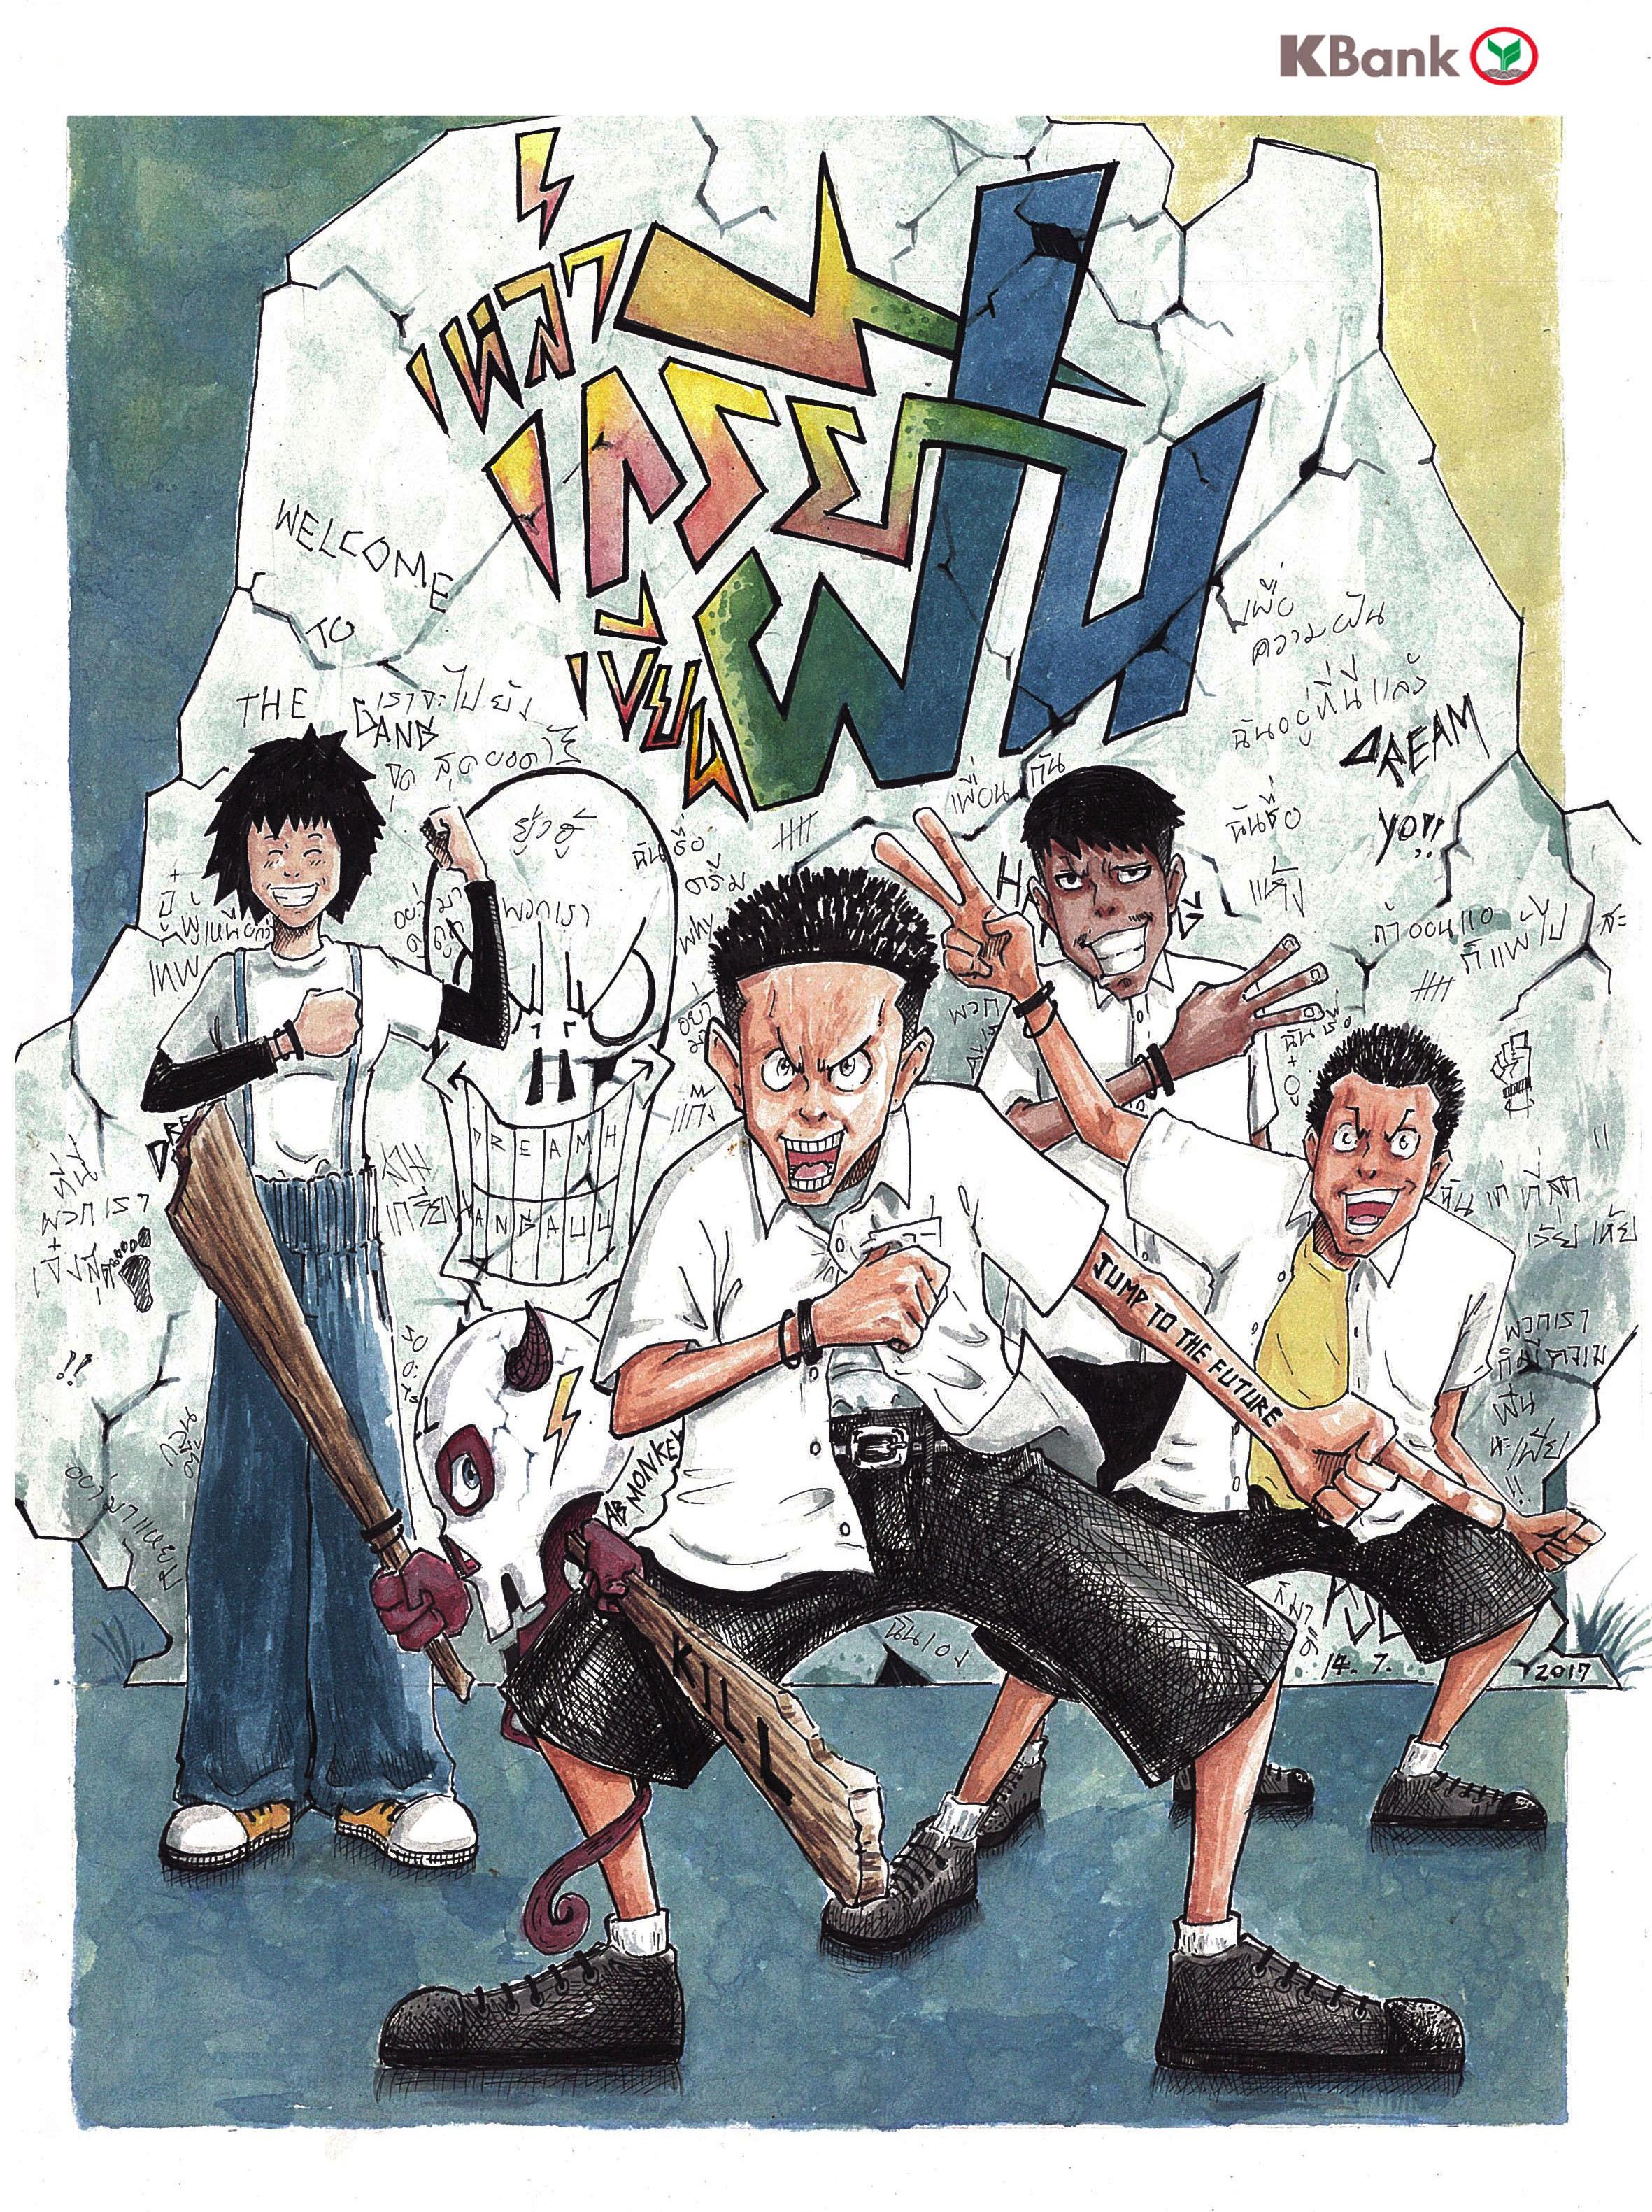 เหล่าเกรียนเขียนฝัน (Kbank Comics Contest)